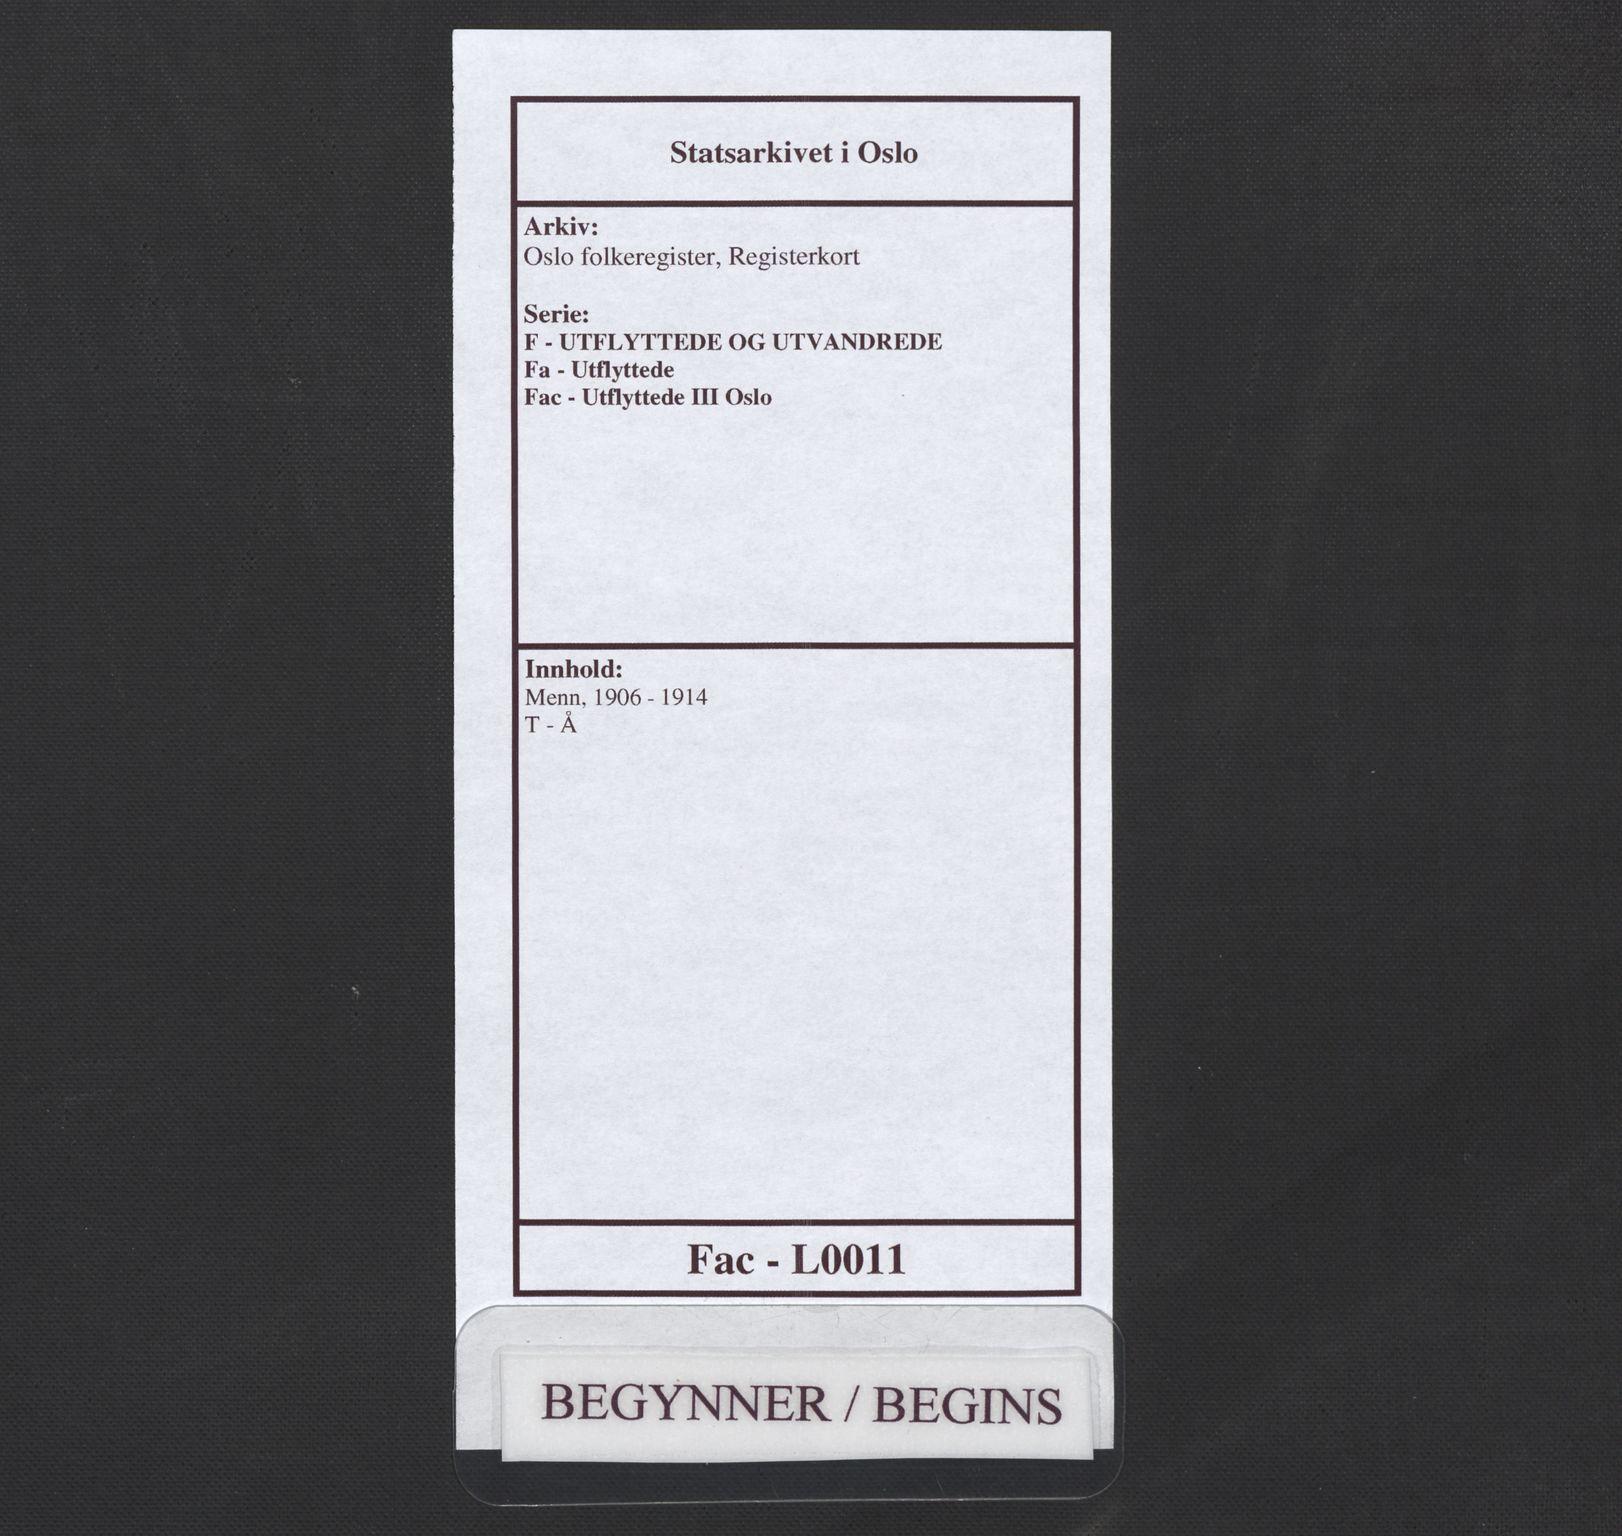 SAO, Oslo folkeregister, Registerkort, F/Fa/Fac/L0011: Menn, 1906-1914